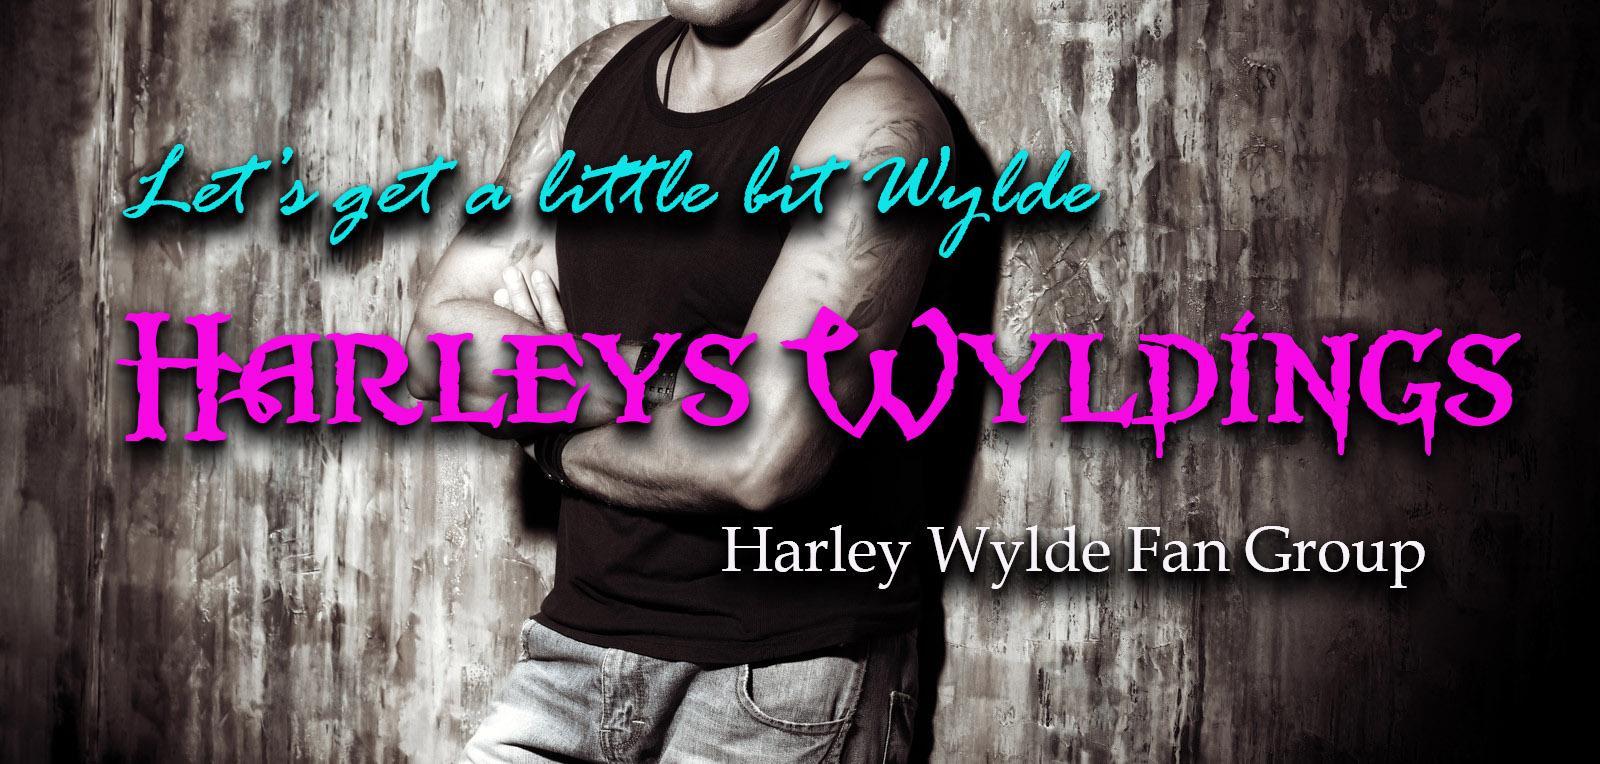 HarleysWyldlingsBanner